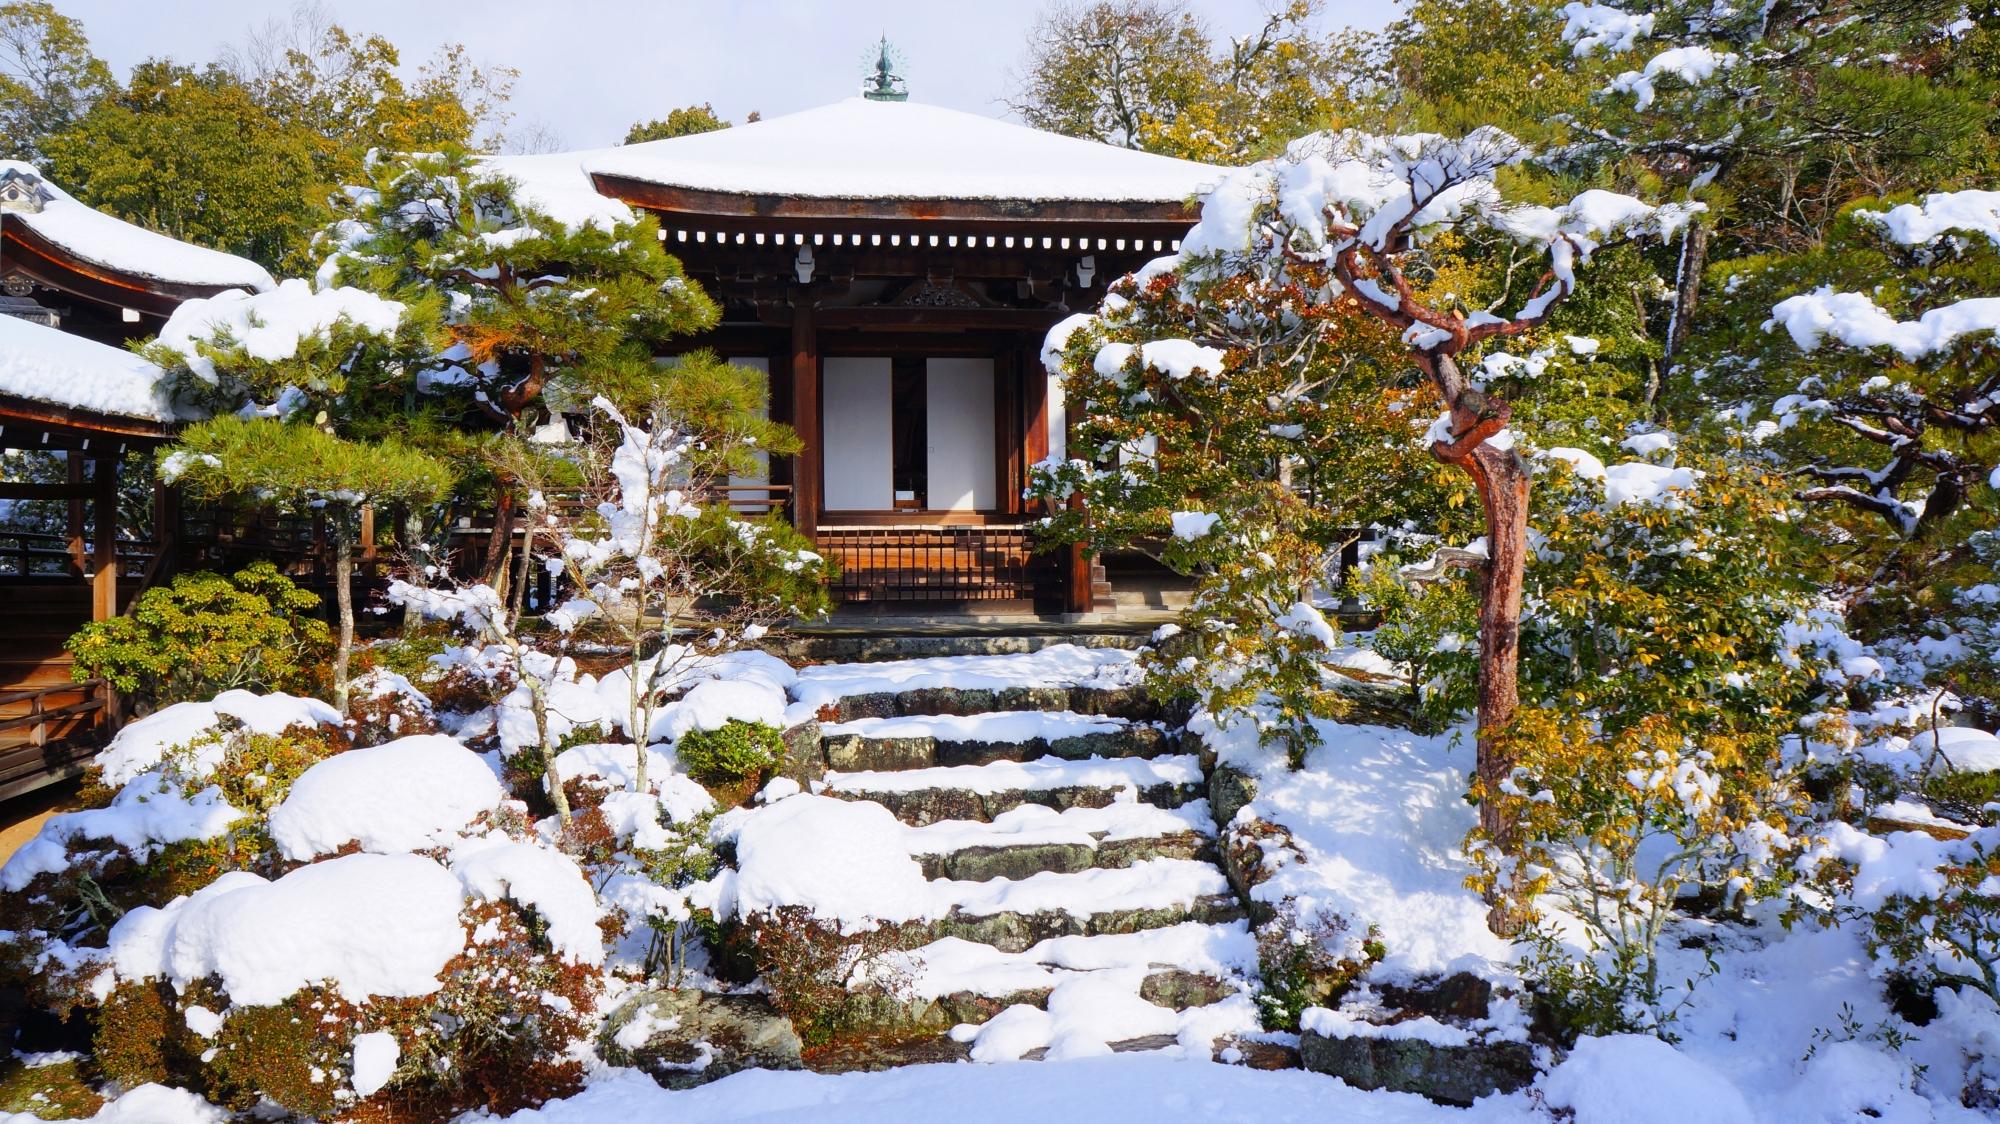 仁和寺の霊明殿の雪景色